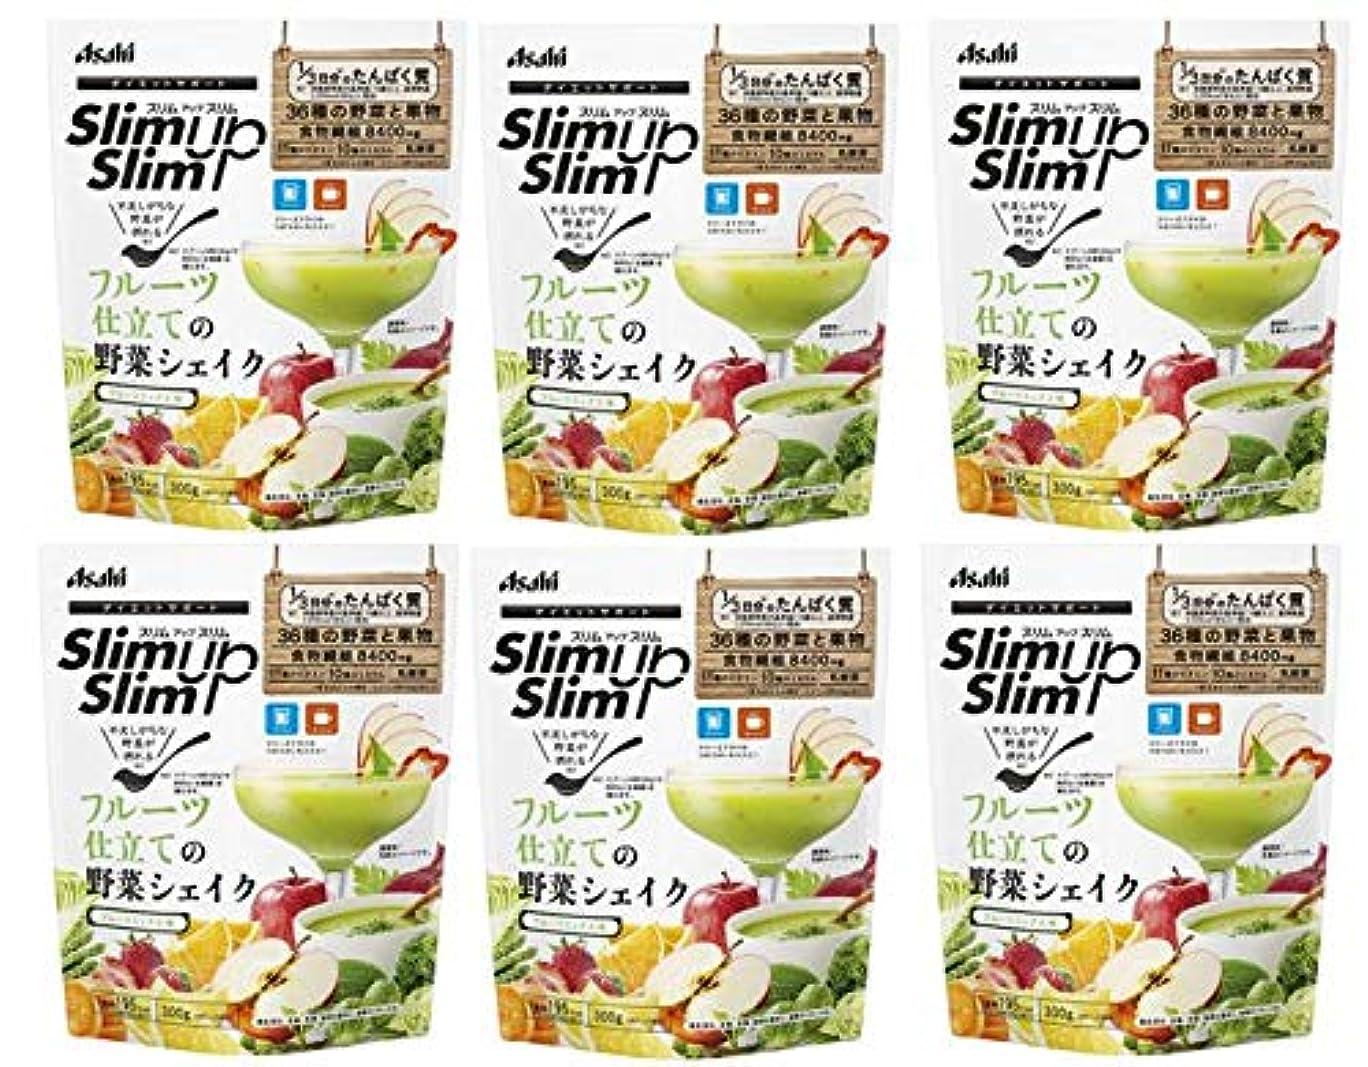 ドキュメンタリーゴミ箱しっかりアサヒグループ食品 スリムアップスリム フルーツ仕立ての野菜シェイク 300g X6個セット